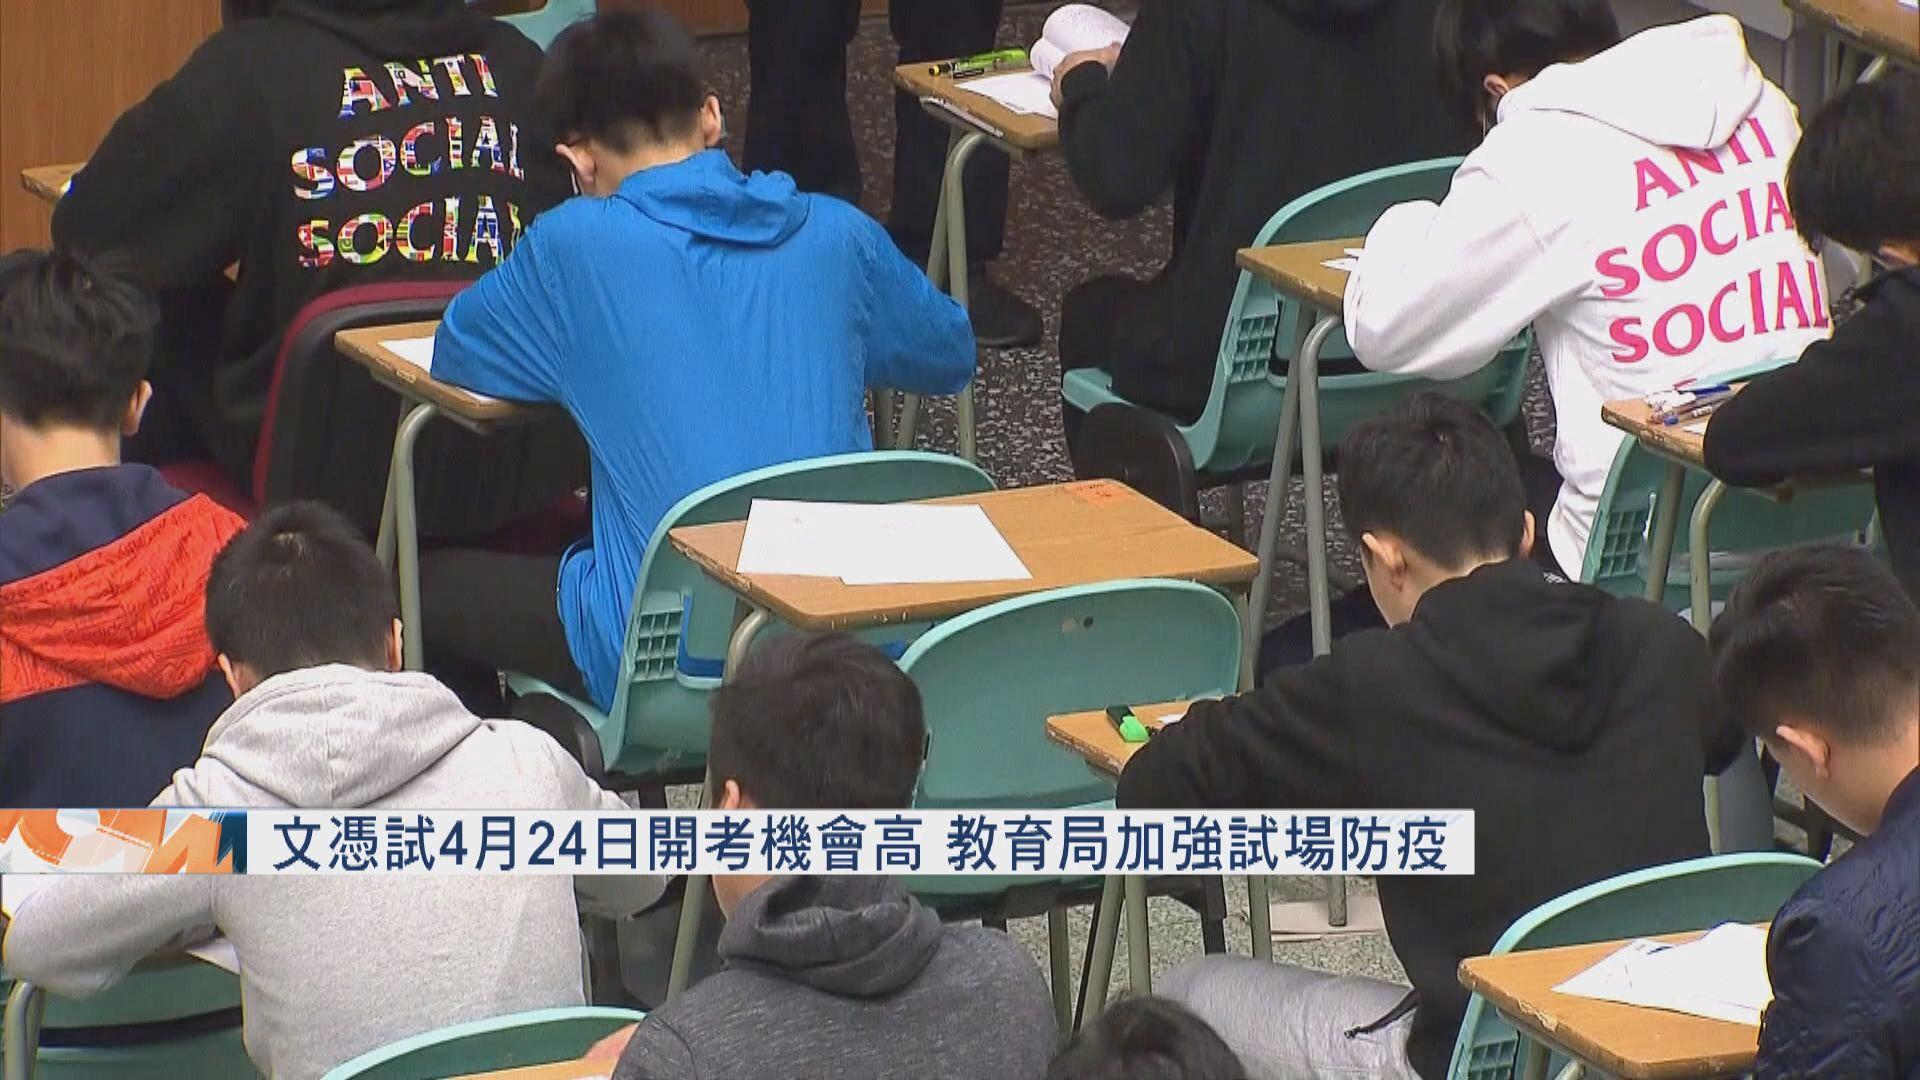 楊潤雄:文憑試24日開考機會很高 擬再加強防疫措施